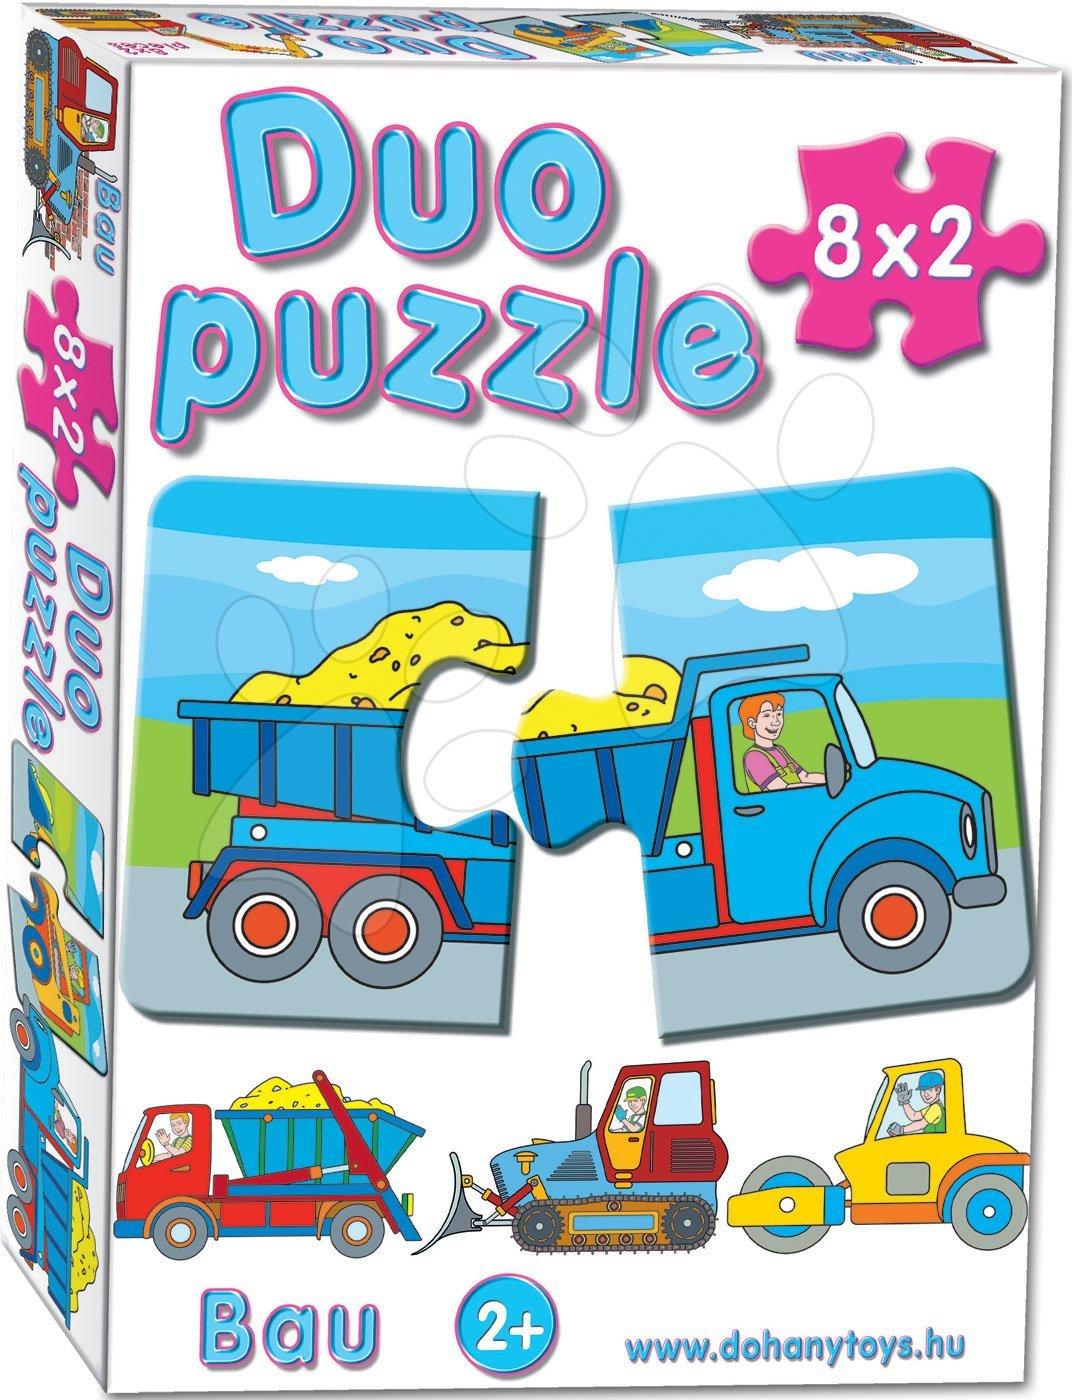 Puzzle pre najmenších - Baby puzzle Duo Pracovné autá Dohány 8x2 dieliky 8-obrázkové od 24 mes